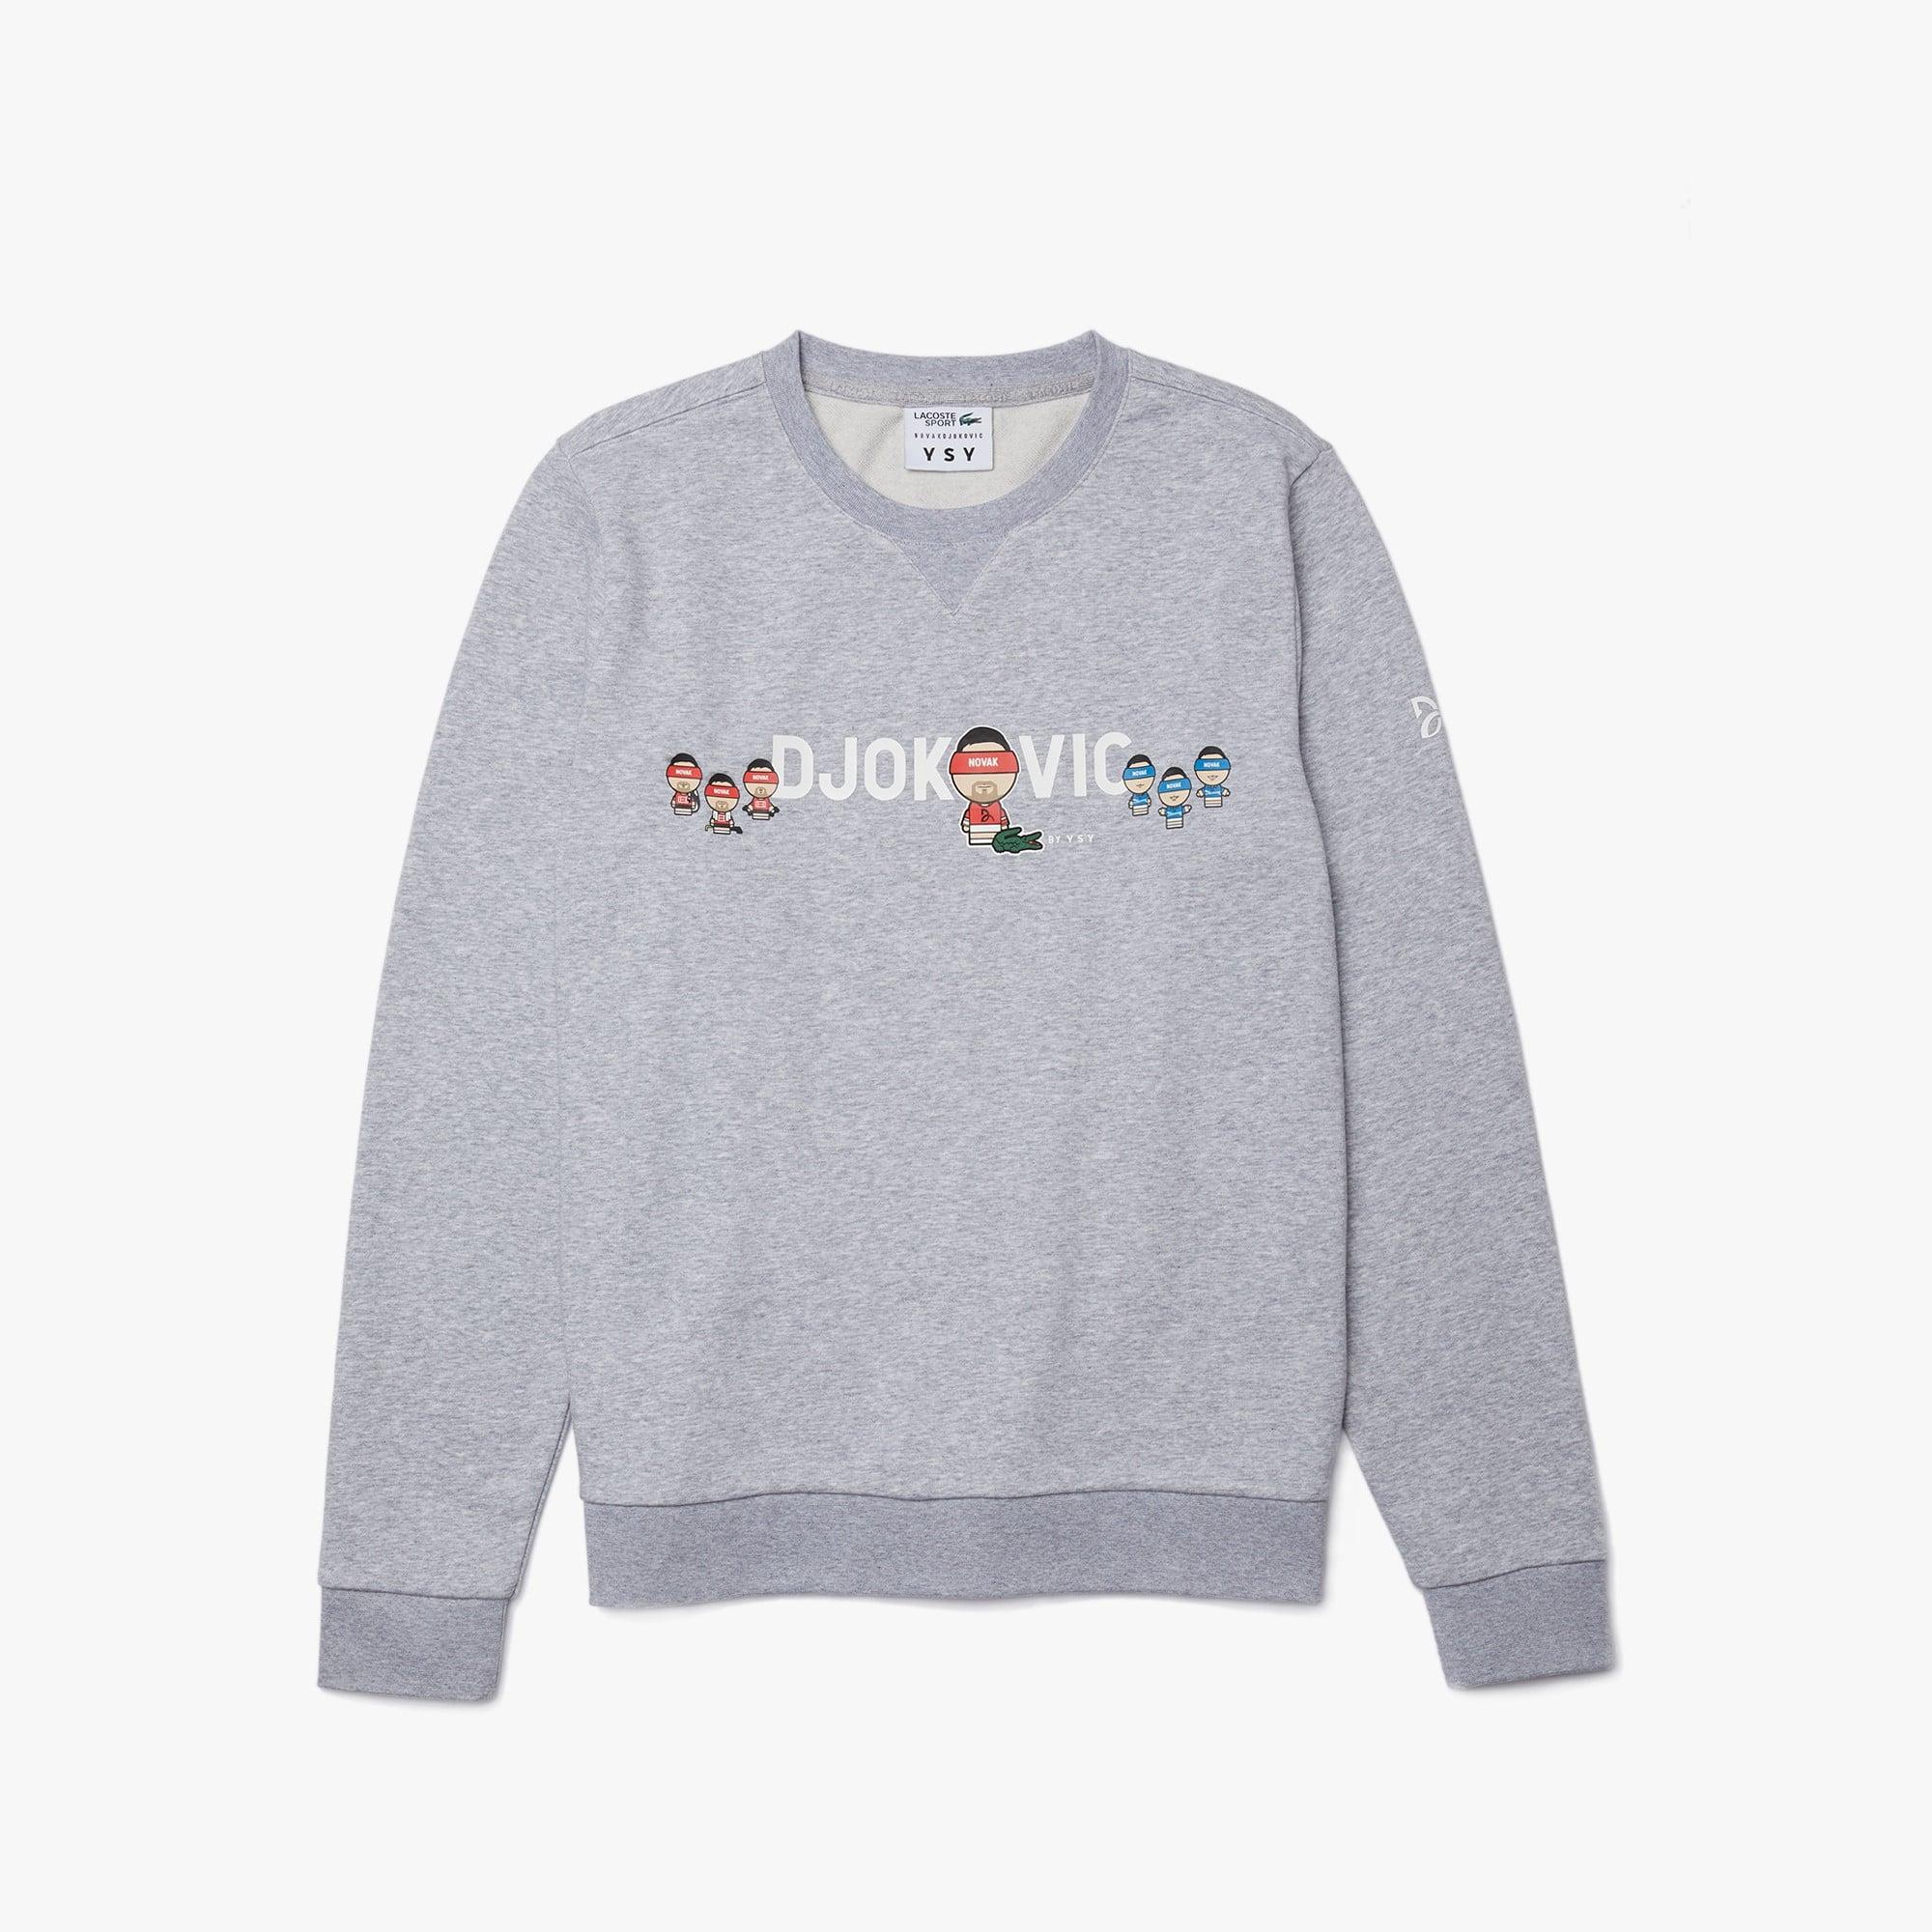 라코스테 X YSY 콜라보 노박 조코비치 맨투맨 - 그레이 Mens Lacoste SPORT Collab Youssef SY In Fleece Sweatshirt